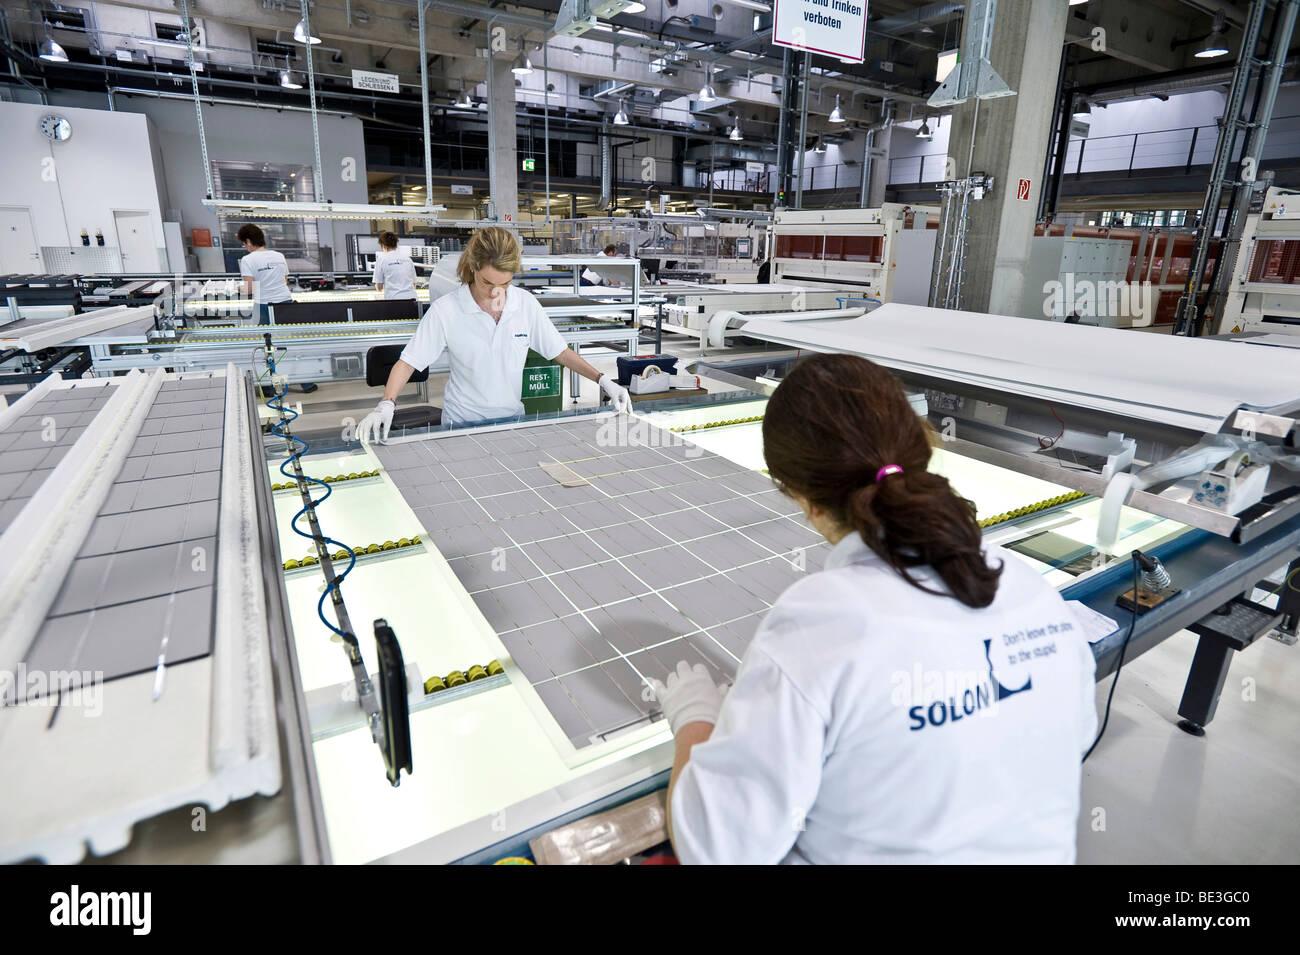 Produktion von Solarmodulen bei SOLON SE, Berlin-Adlershof, Deutschland, Europa Stockbild